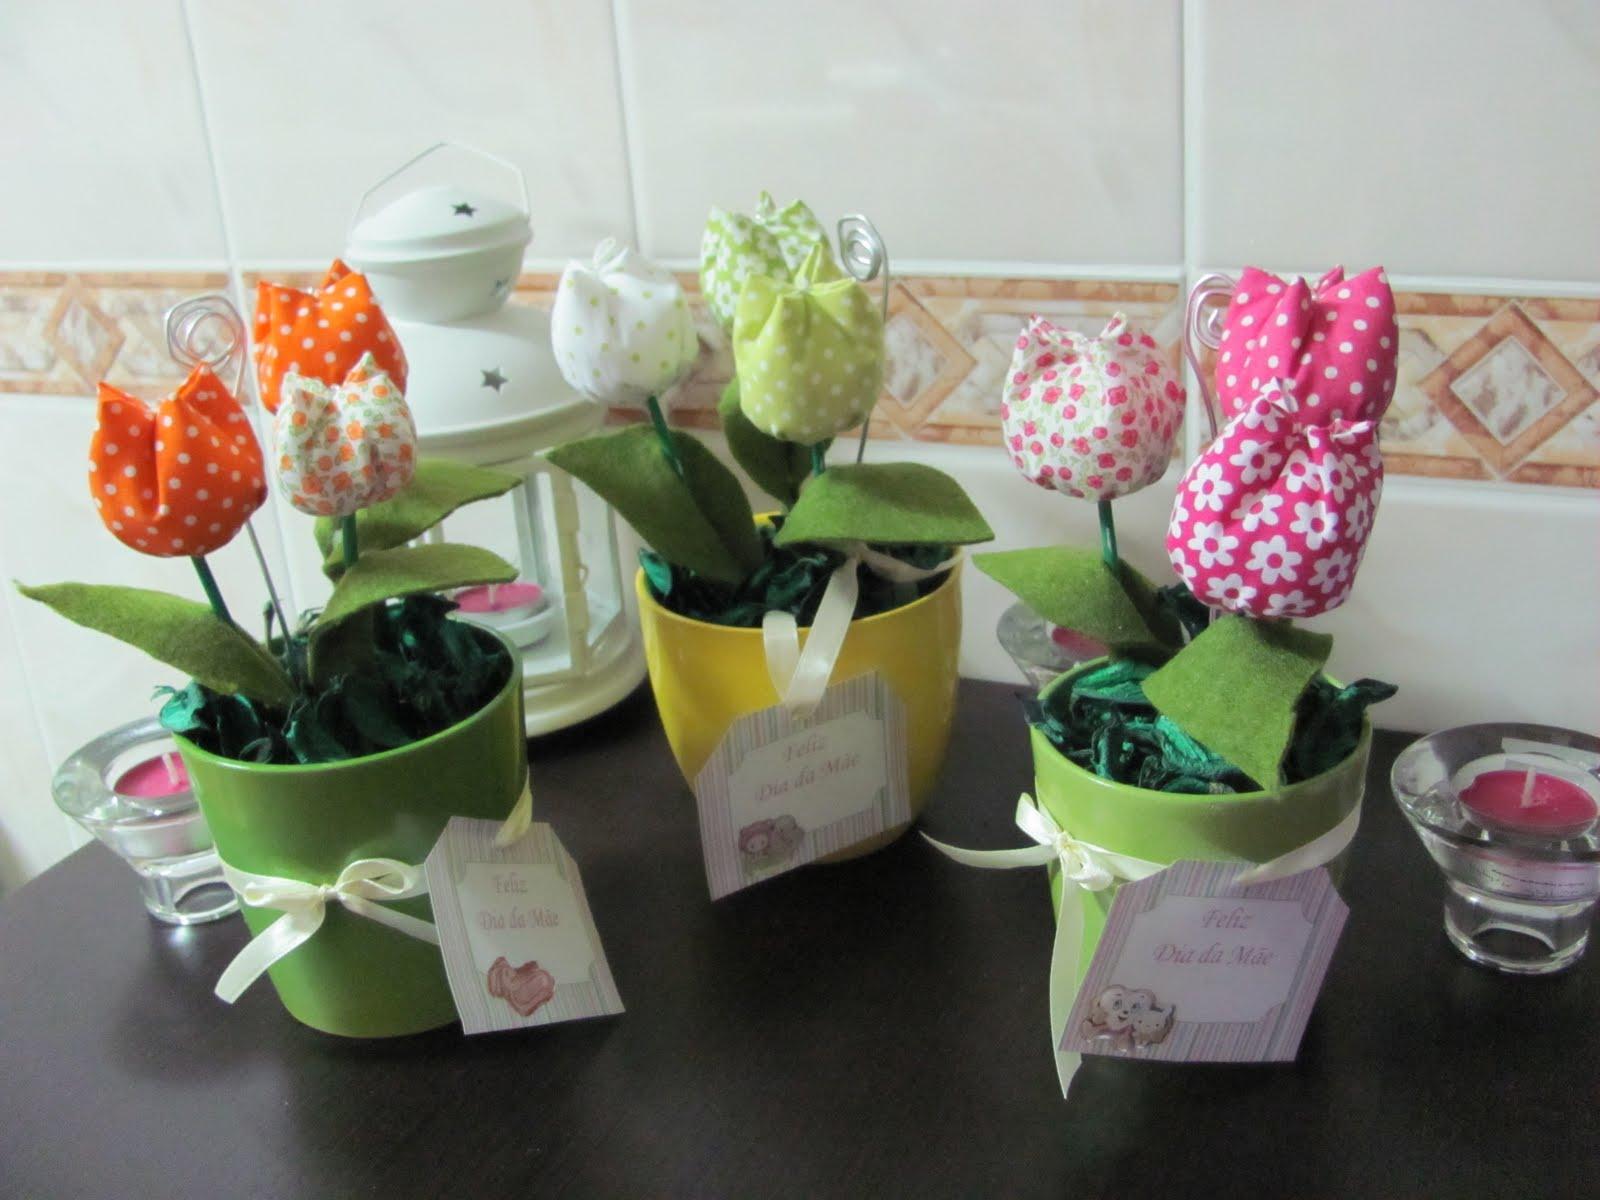 Ideias da manina vasos de tulipas em tecido pout pourri - Porta pout pourri ...